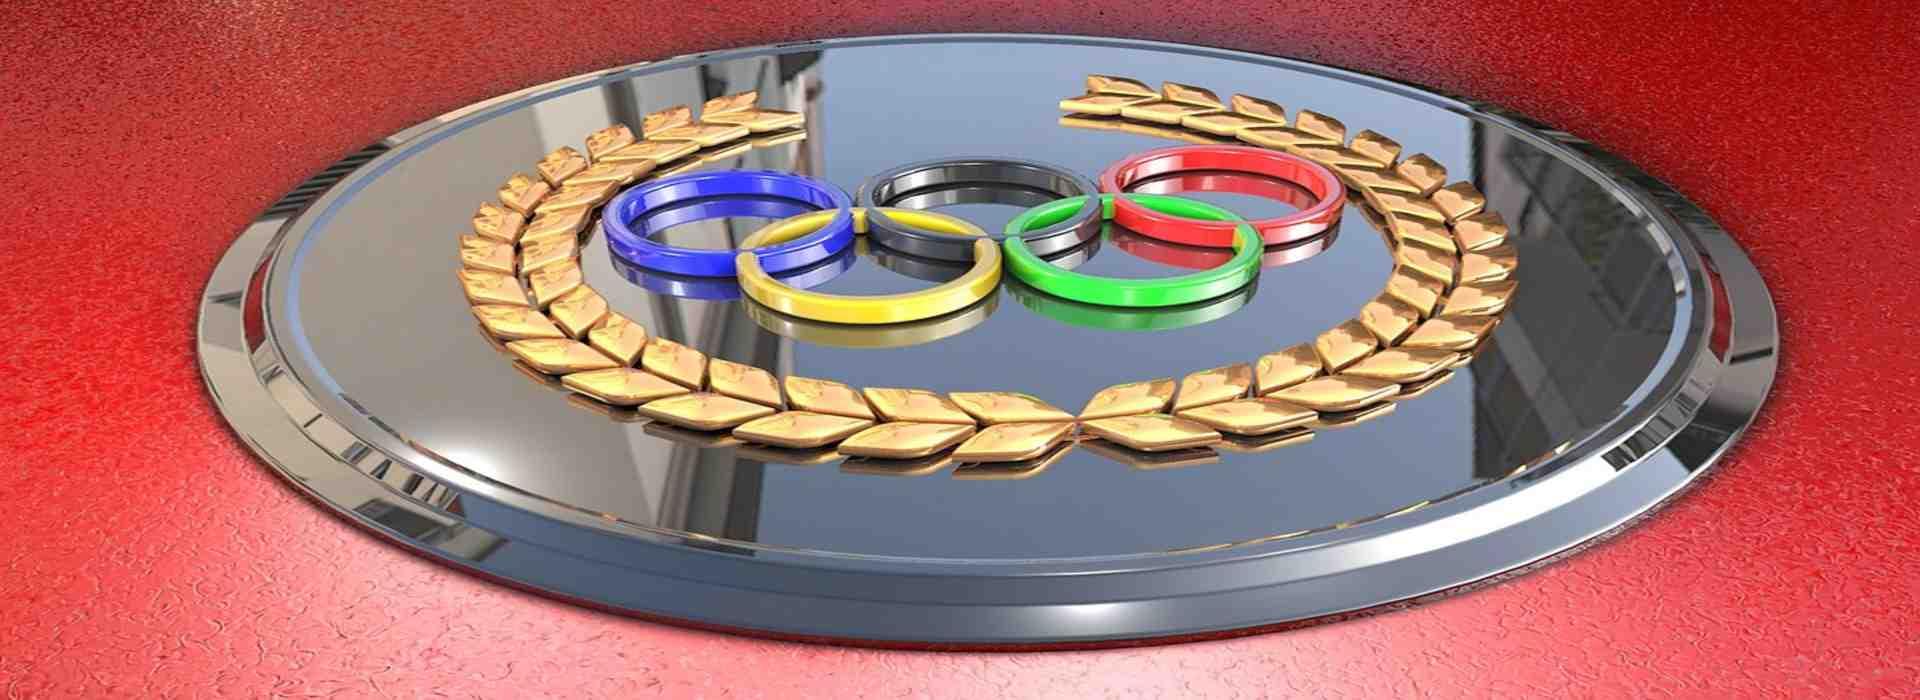 Olimpiadi di Tokyo: esclusa la presenza del pubblico mentre a Roma si apre l'Olimpico per la finale Italia - Inghilterra